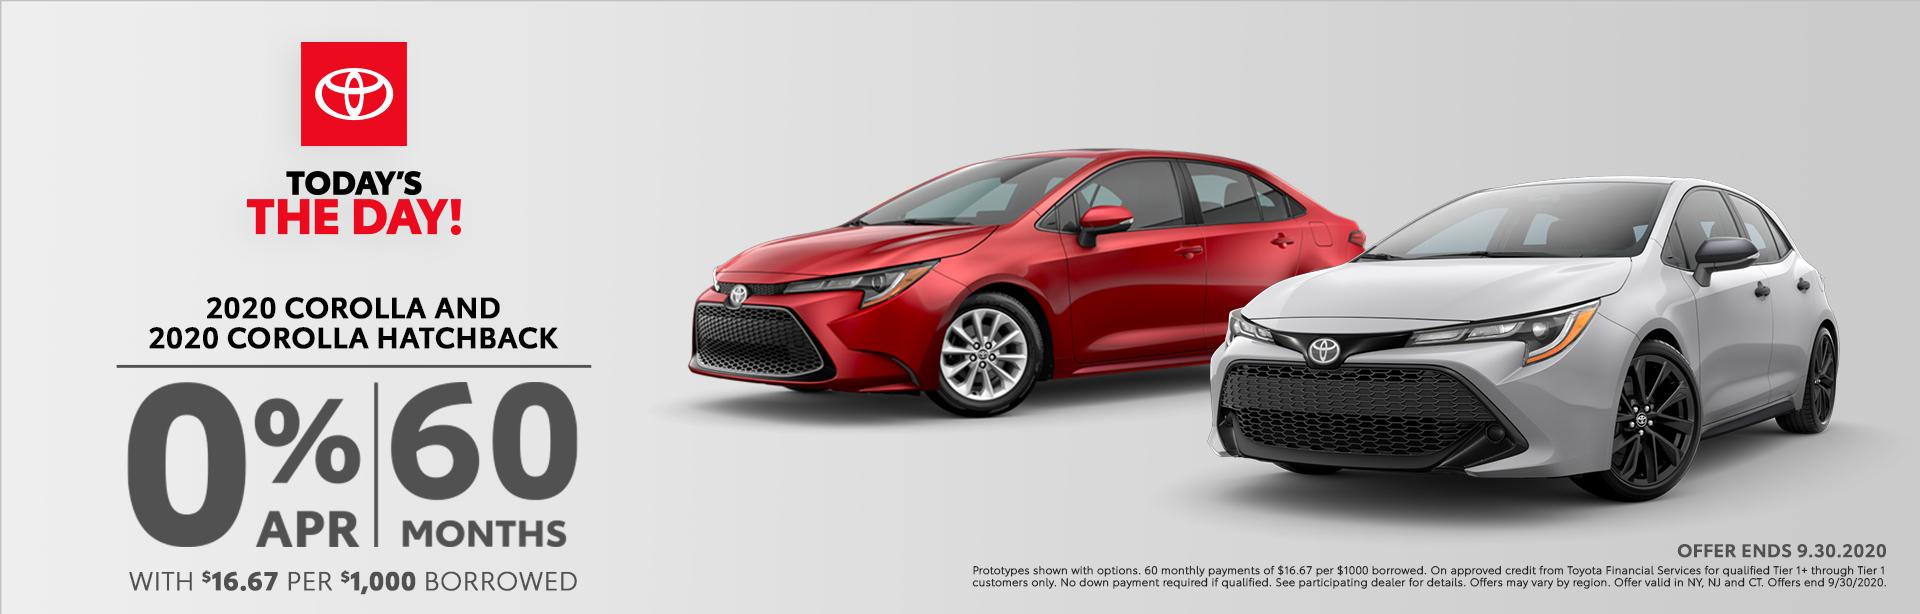 Corolla and Corolla Hatchback Desktop